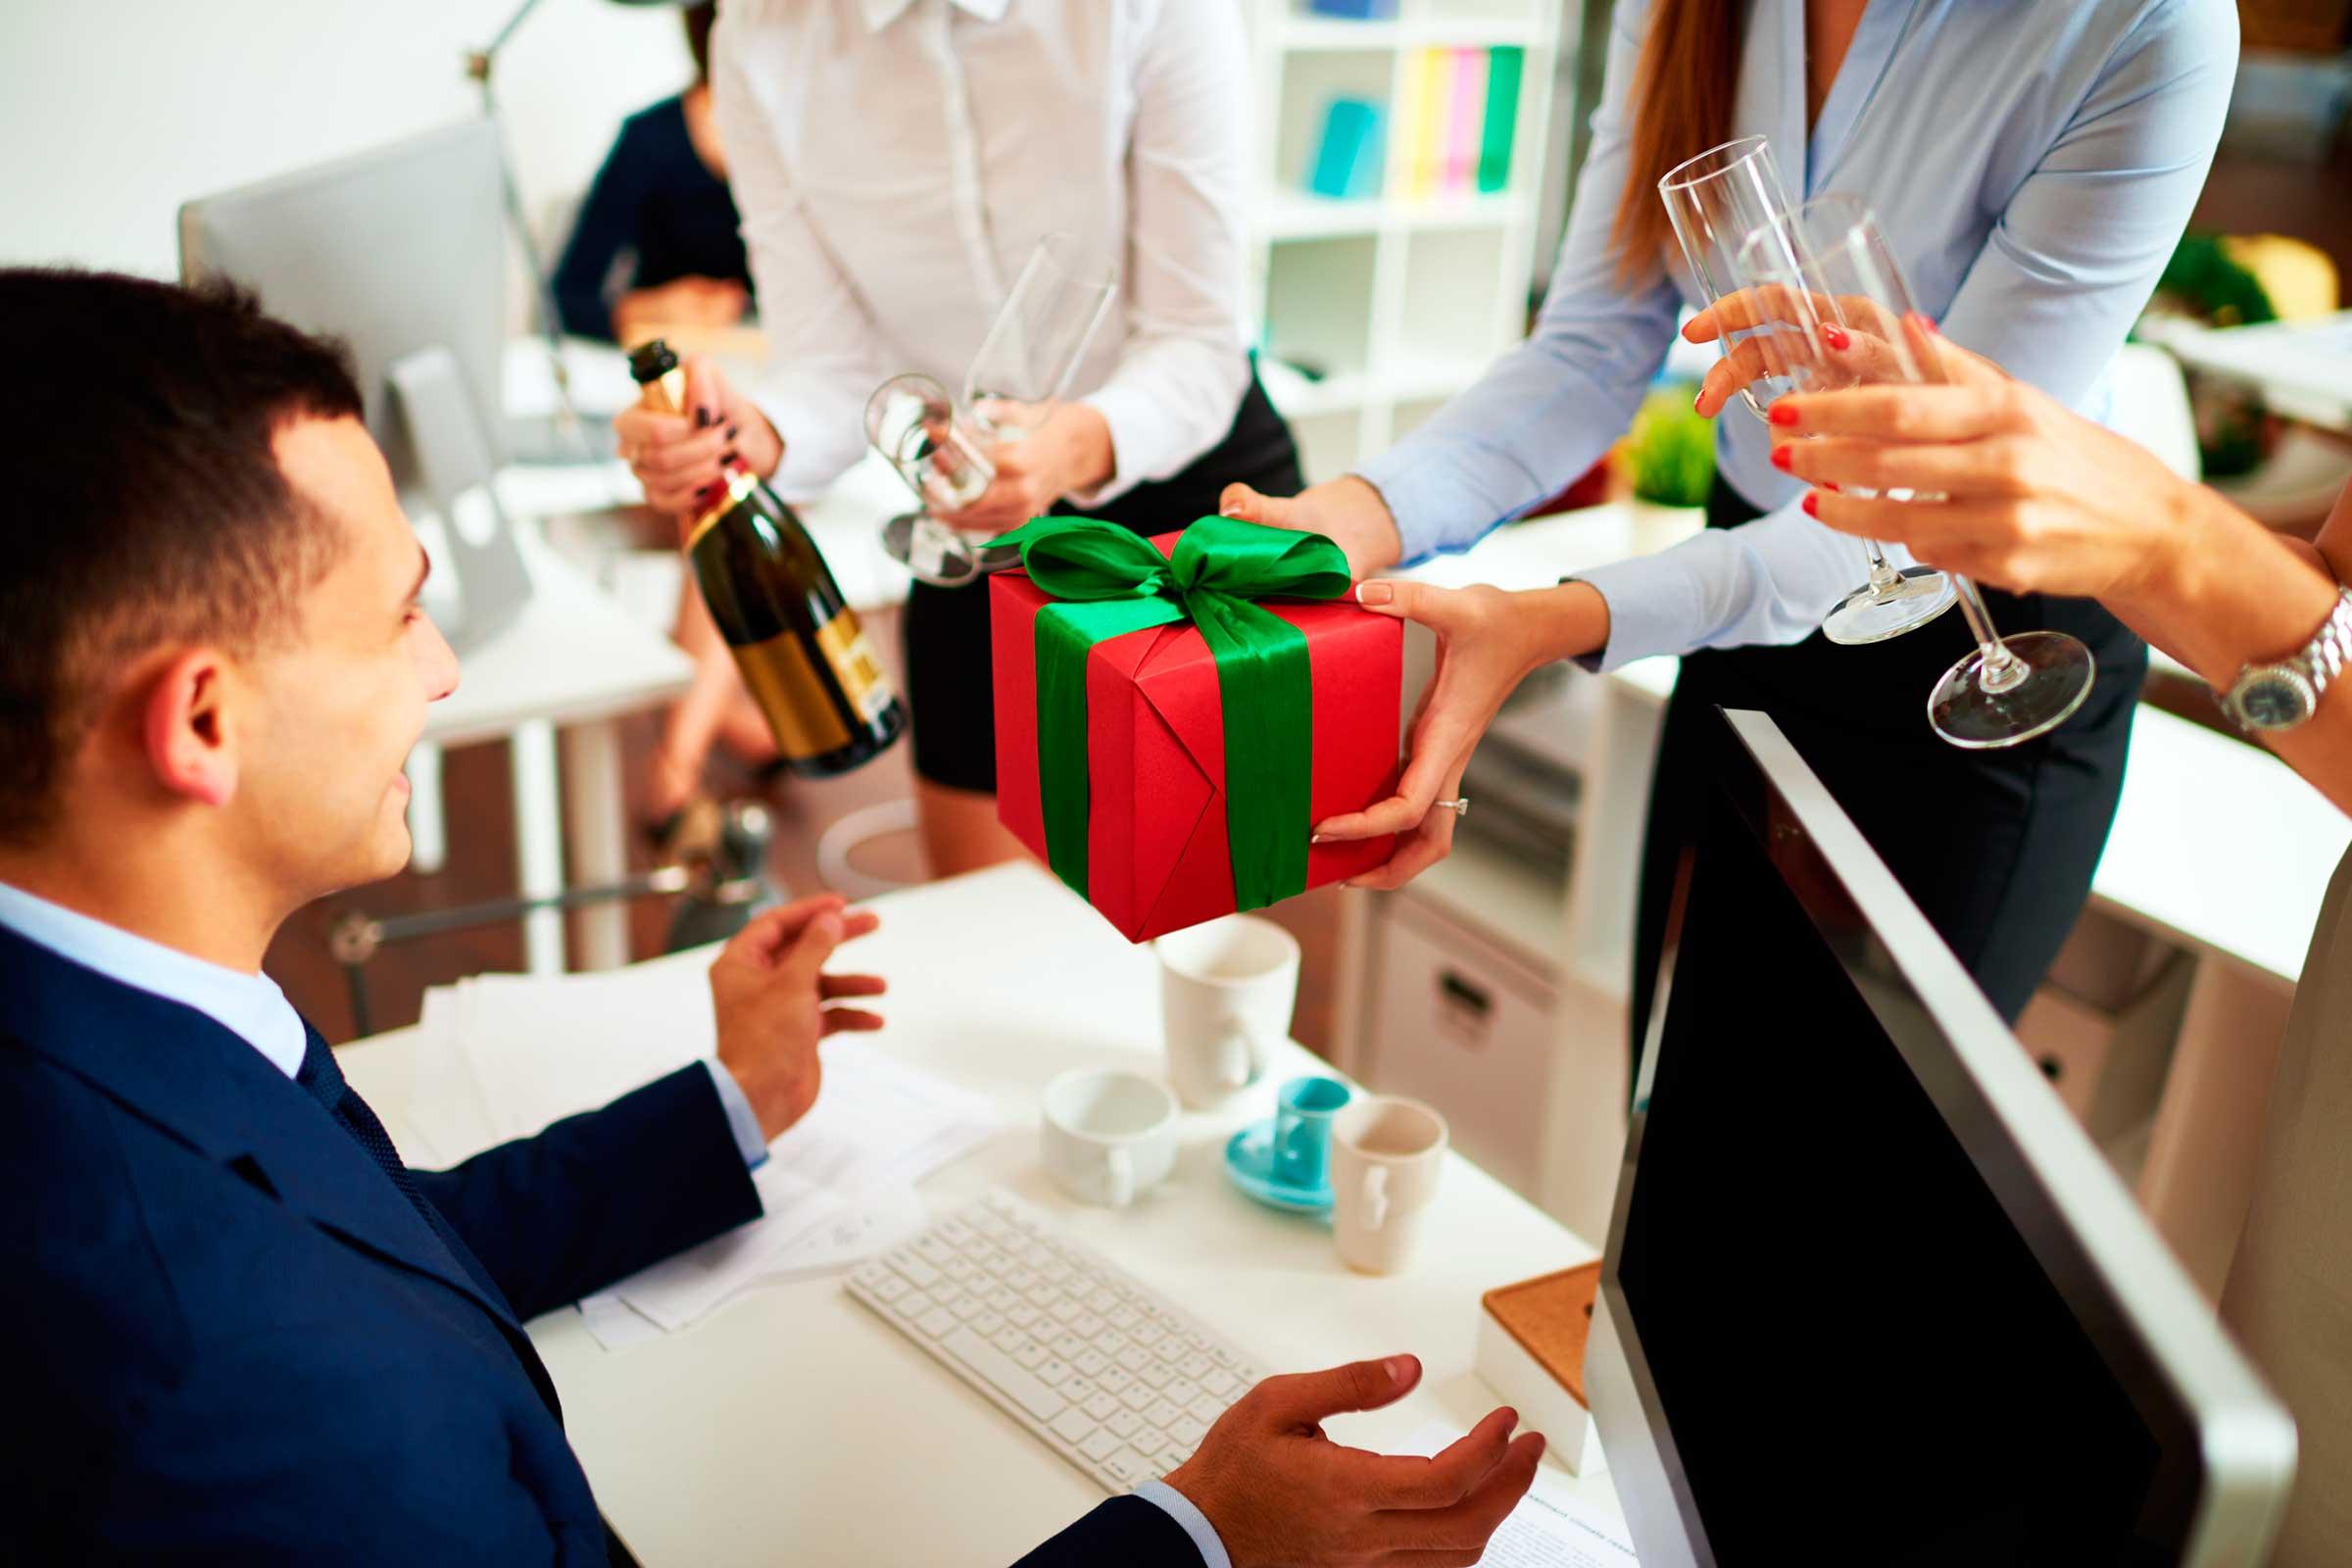 Gợi ý Quà tặng đồng nghiệp cao cấp nhất cho bạn